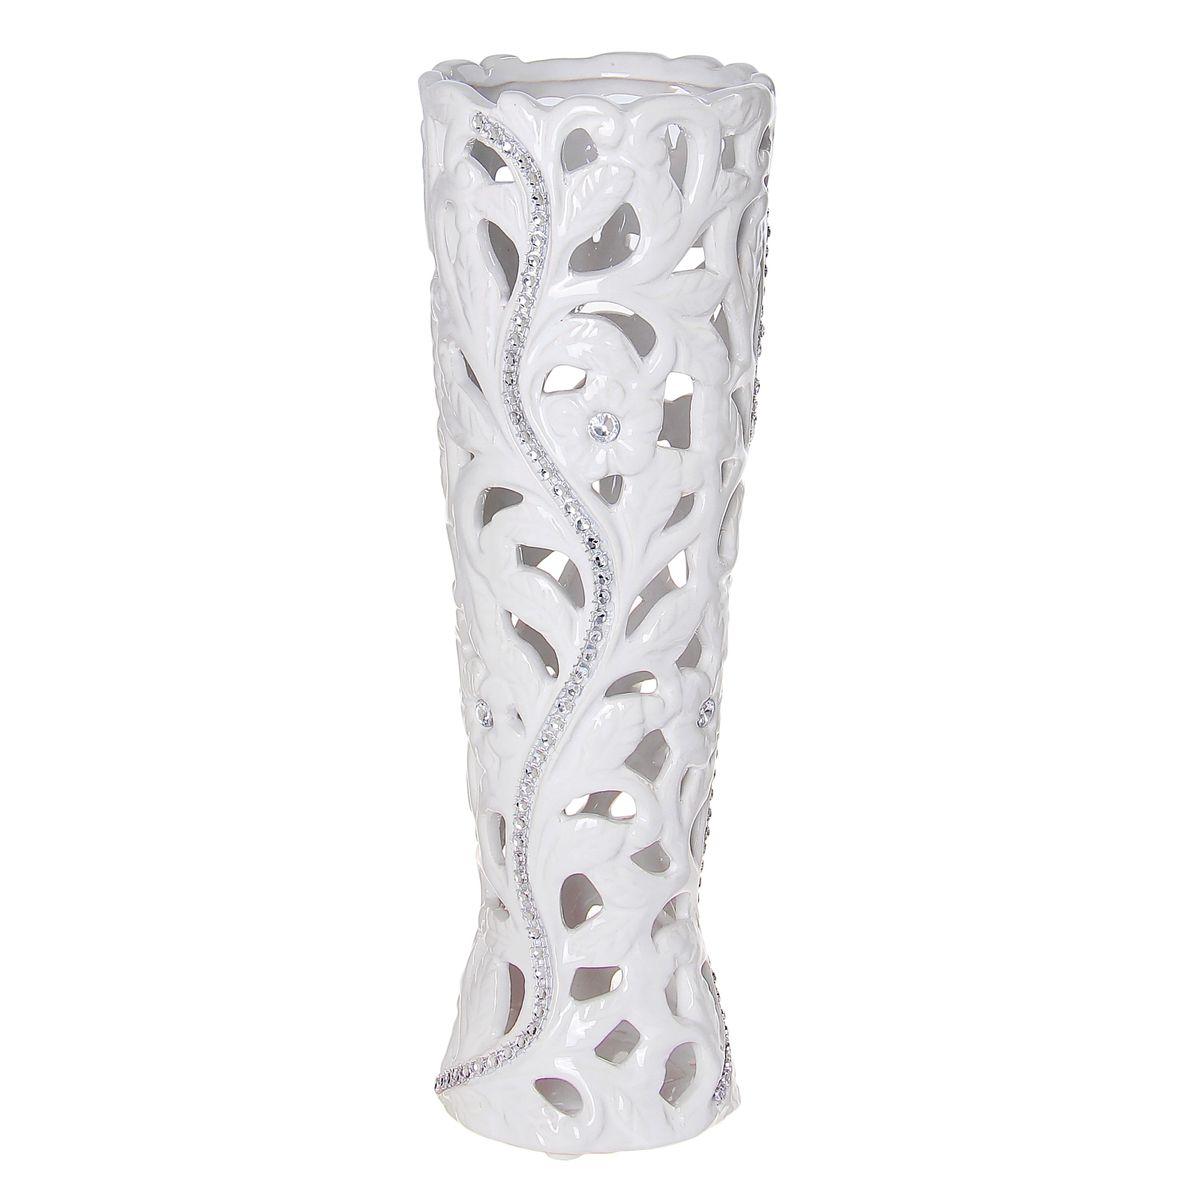 Ваза керамика белое кружево 29,5*10*10 см 866201866201Керамика